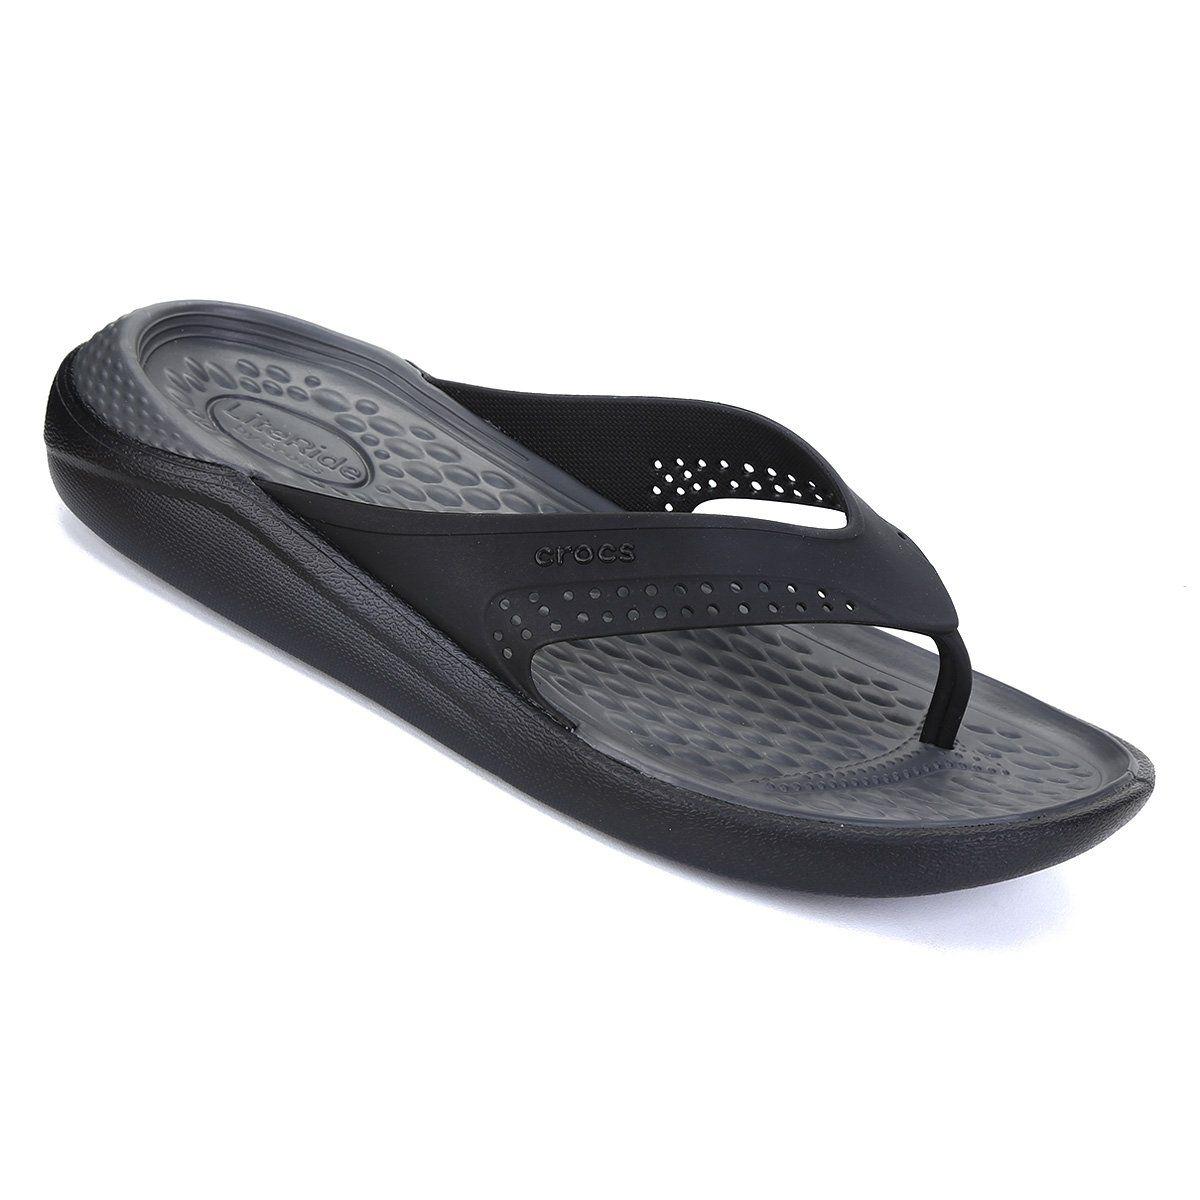 Sandália Crocs Literide Flip - Preto e Cinza